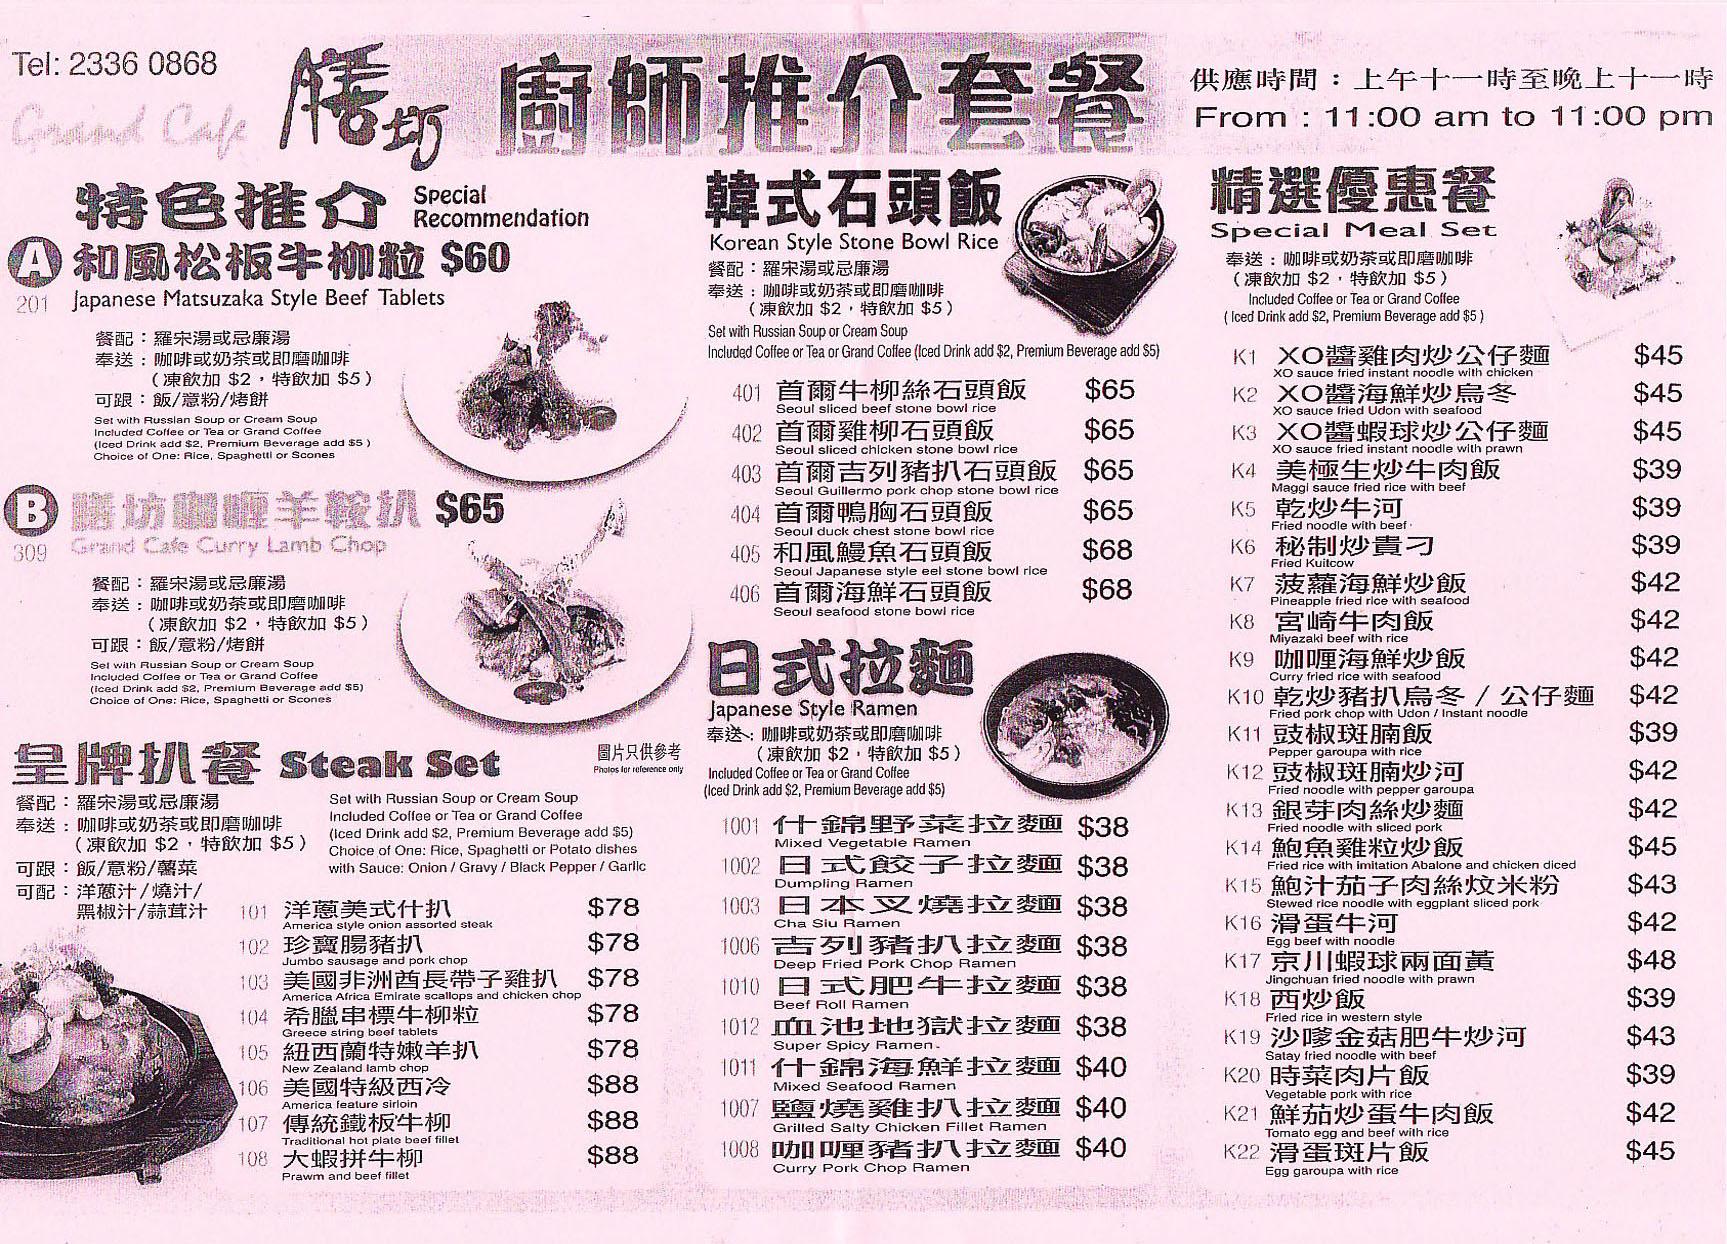 黃大仙樂富聯合道樂富廣場商場仿膳茶餐廳餐牌菜單快餐店食物餐飲menu套餐外賣餐單價目表